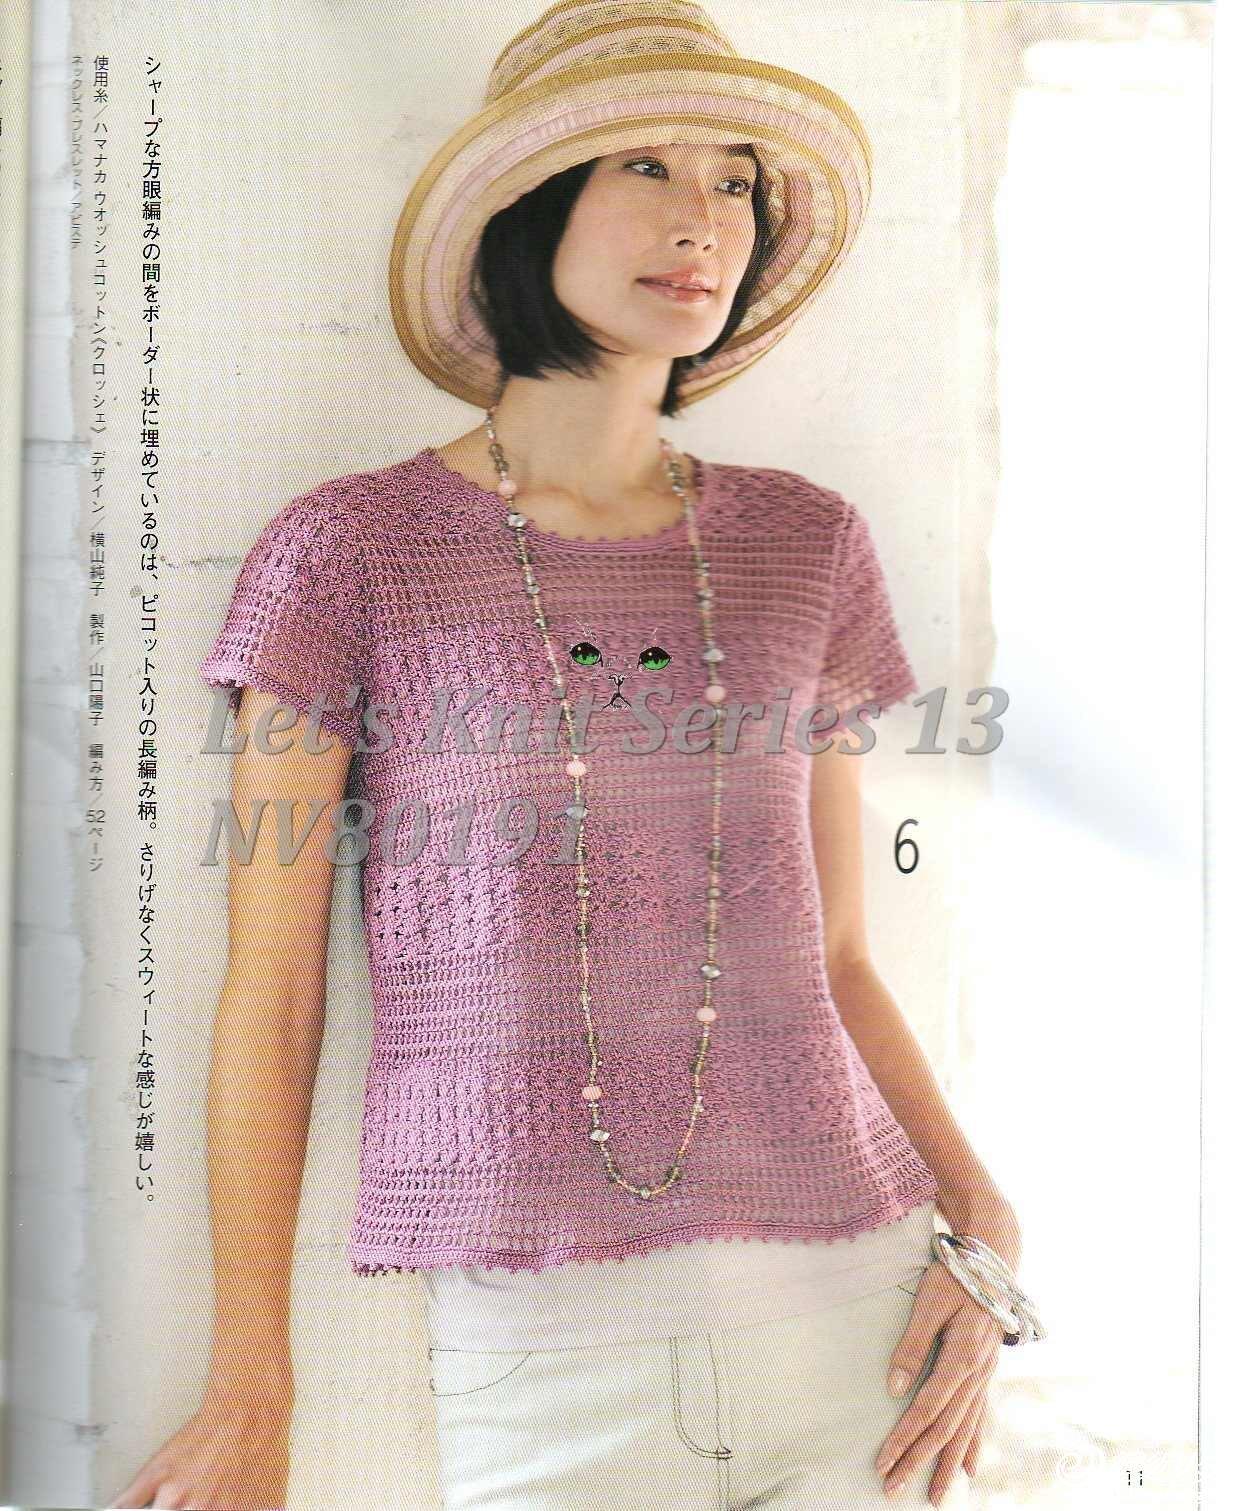 实用百搭云素麻棉扁带女士钩针镂空短袖衫  3,正身完成后侧面用短针加